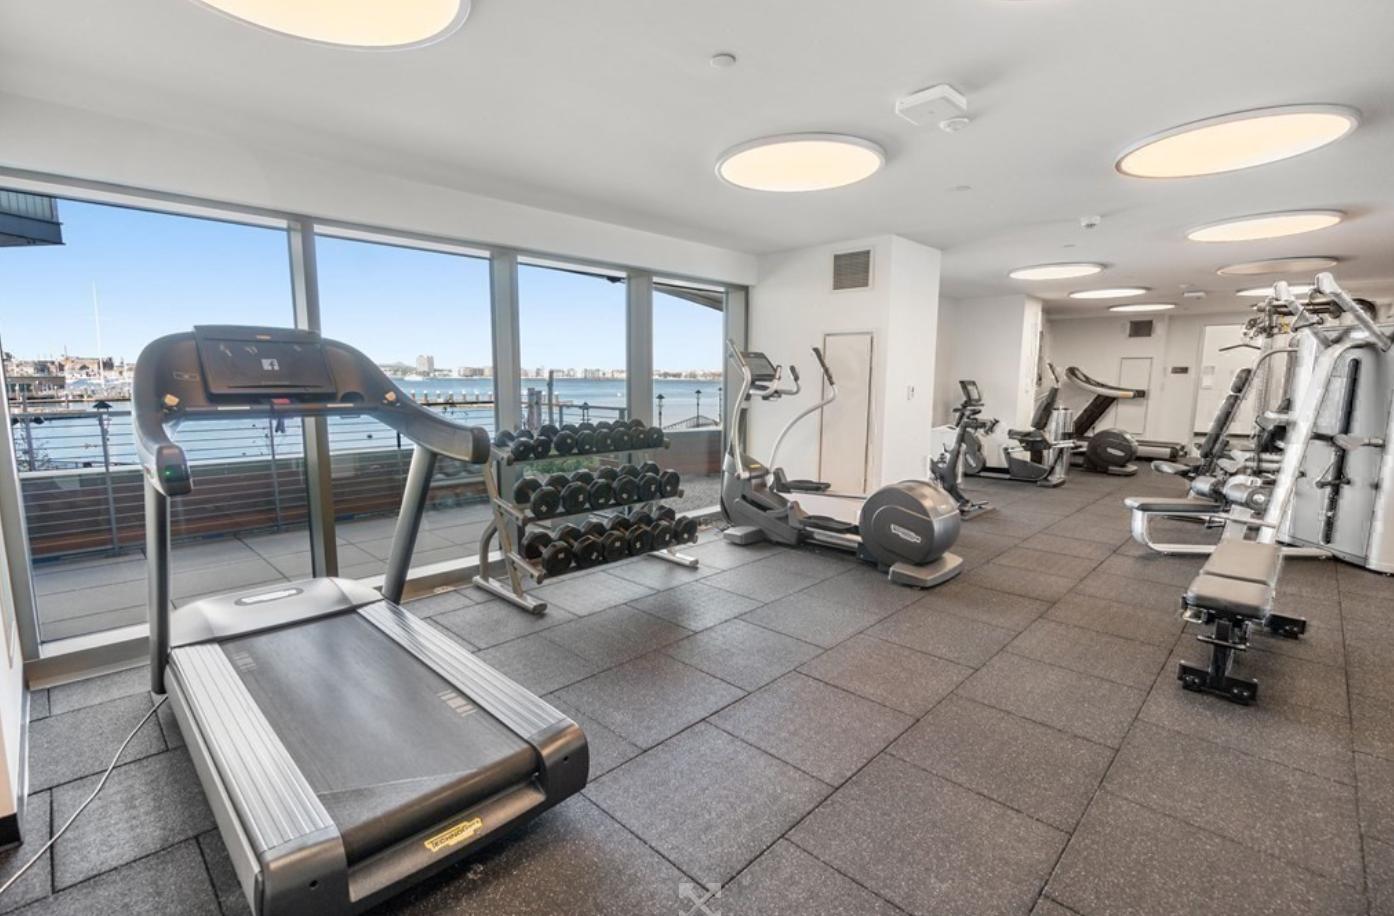 Pier 4 Fitness Center